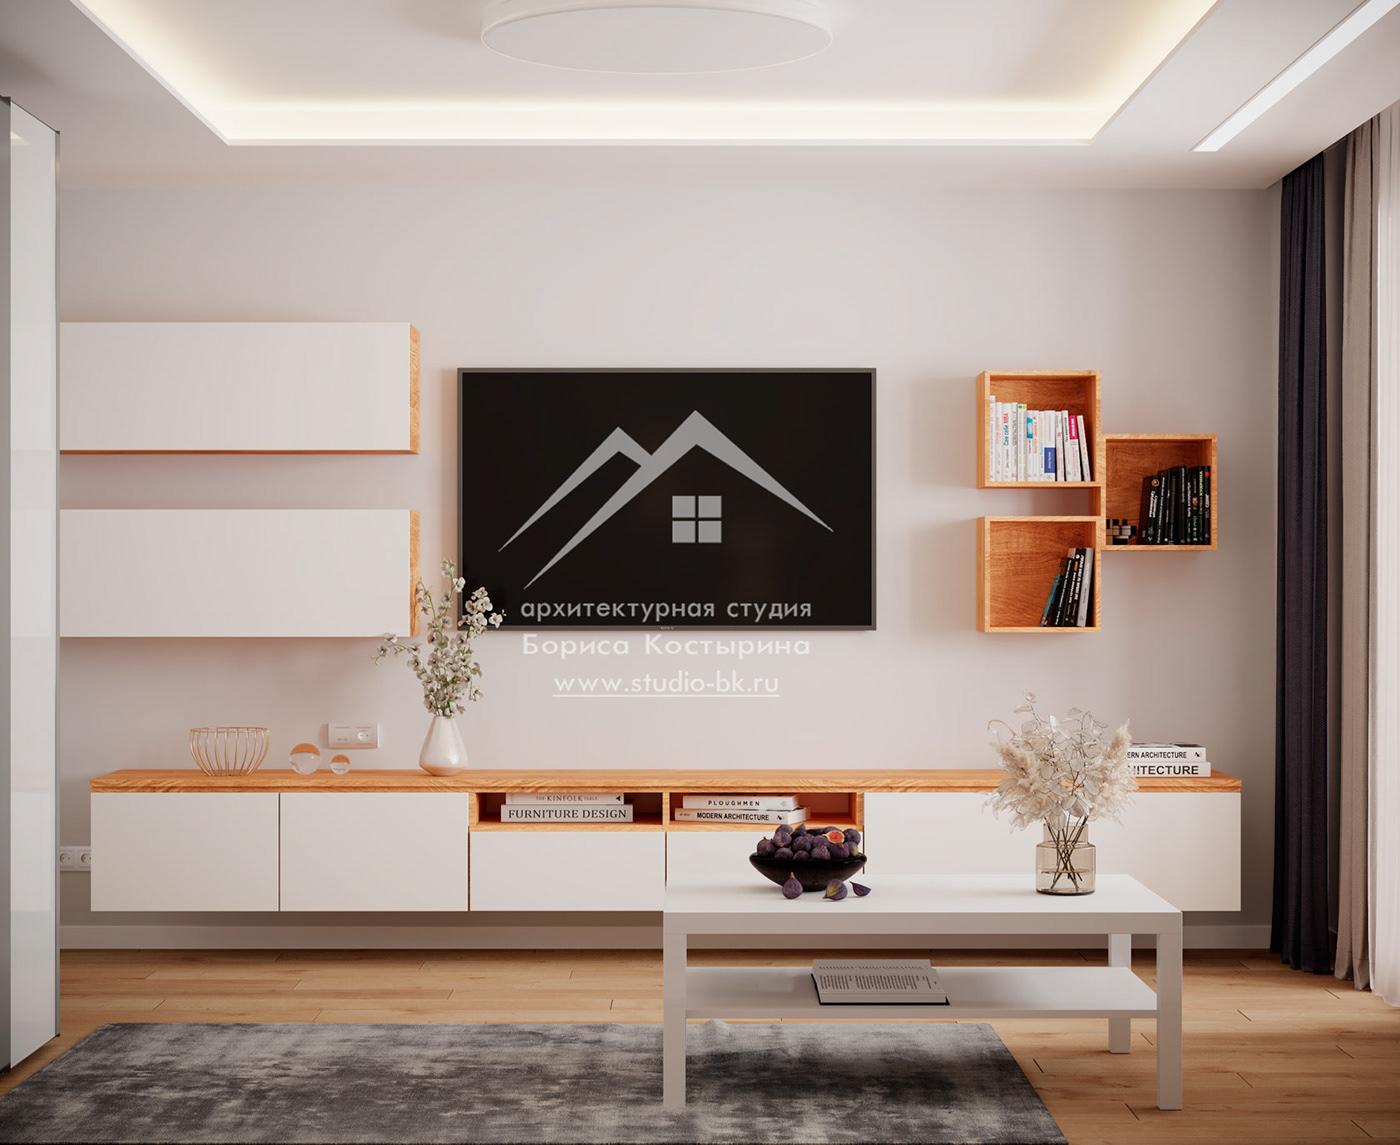 Дизайн интерьера гостиной проект гостиной современный стиль стиль икеа